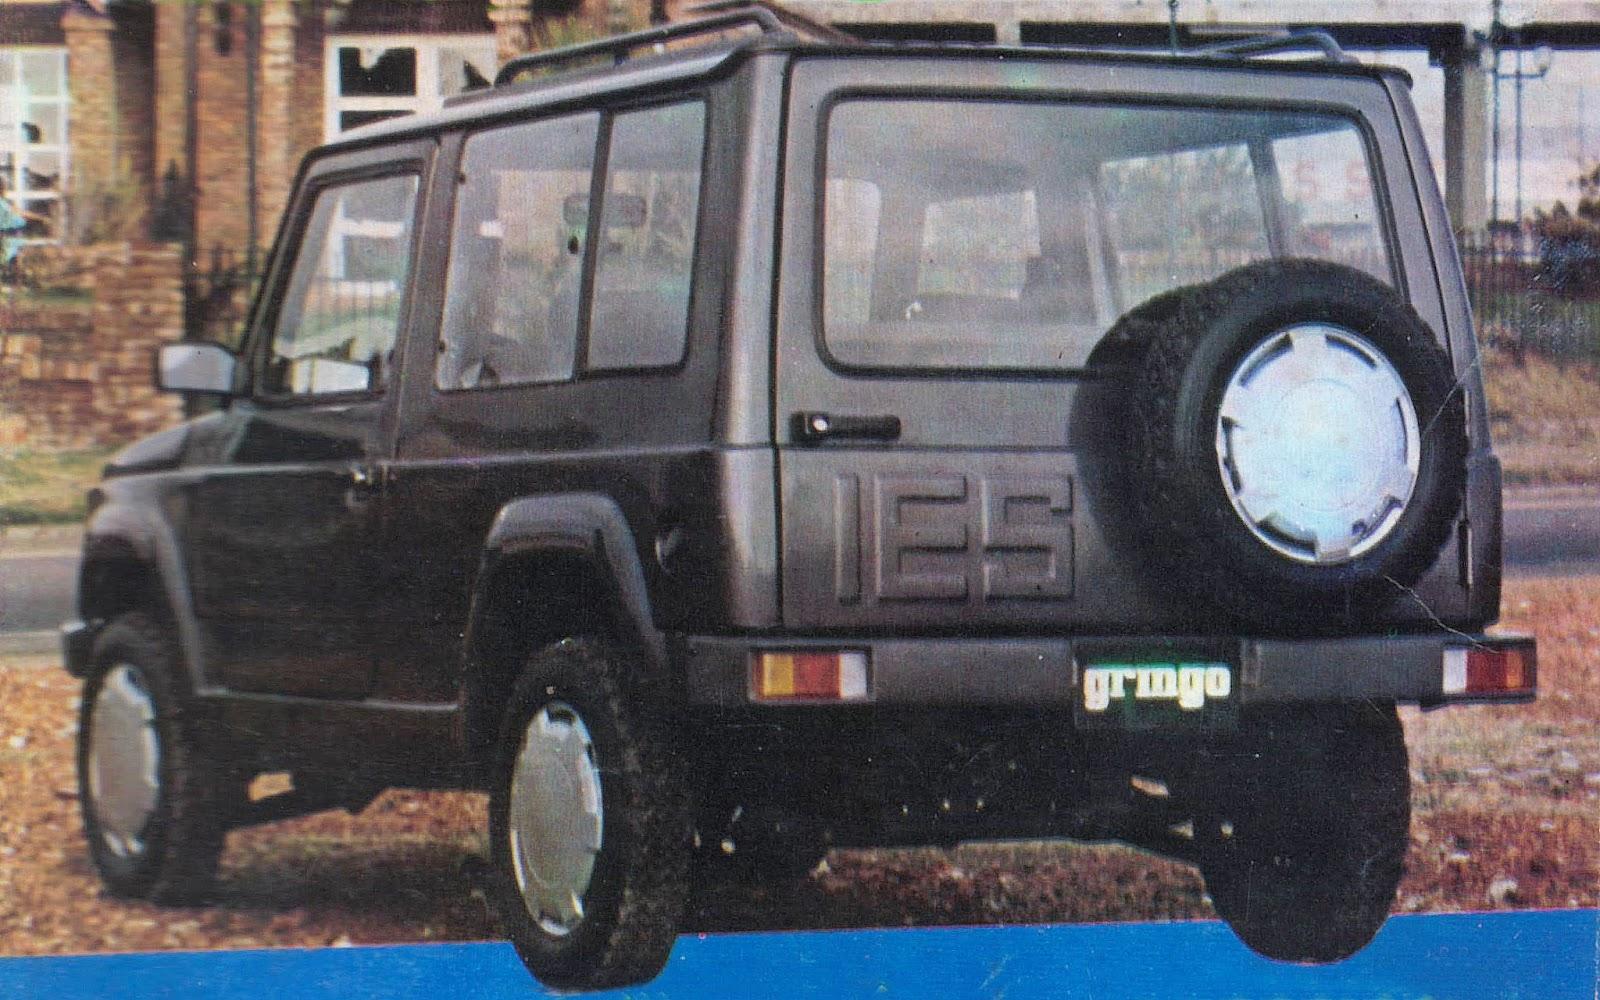 Archivo de autos: Gringo, el jeep que no fue